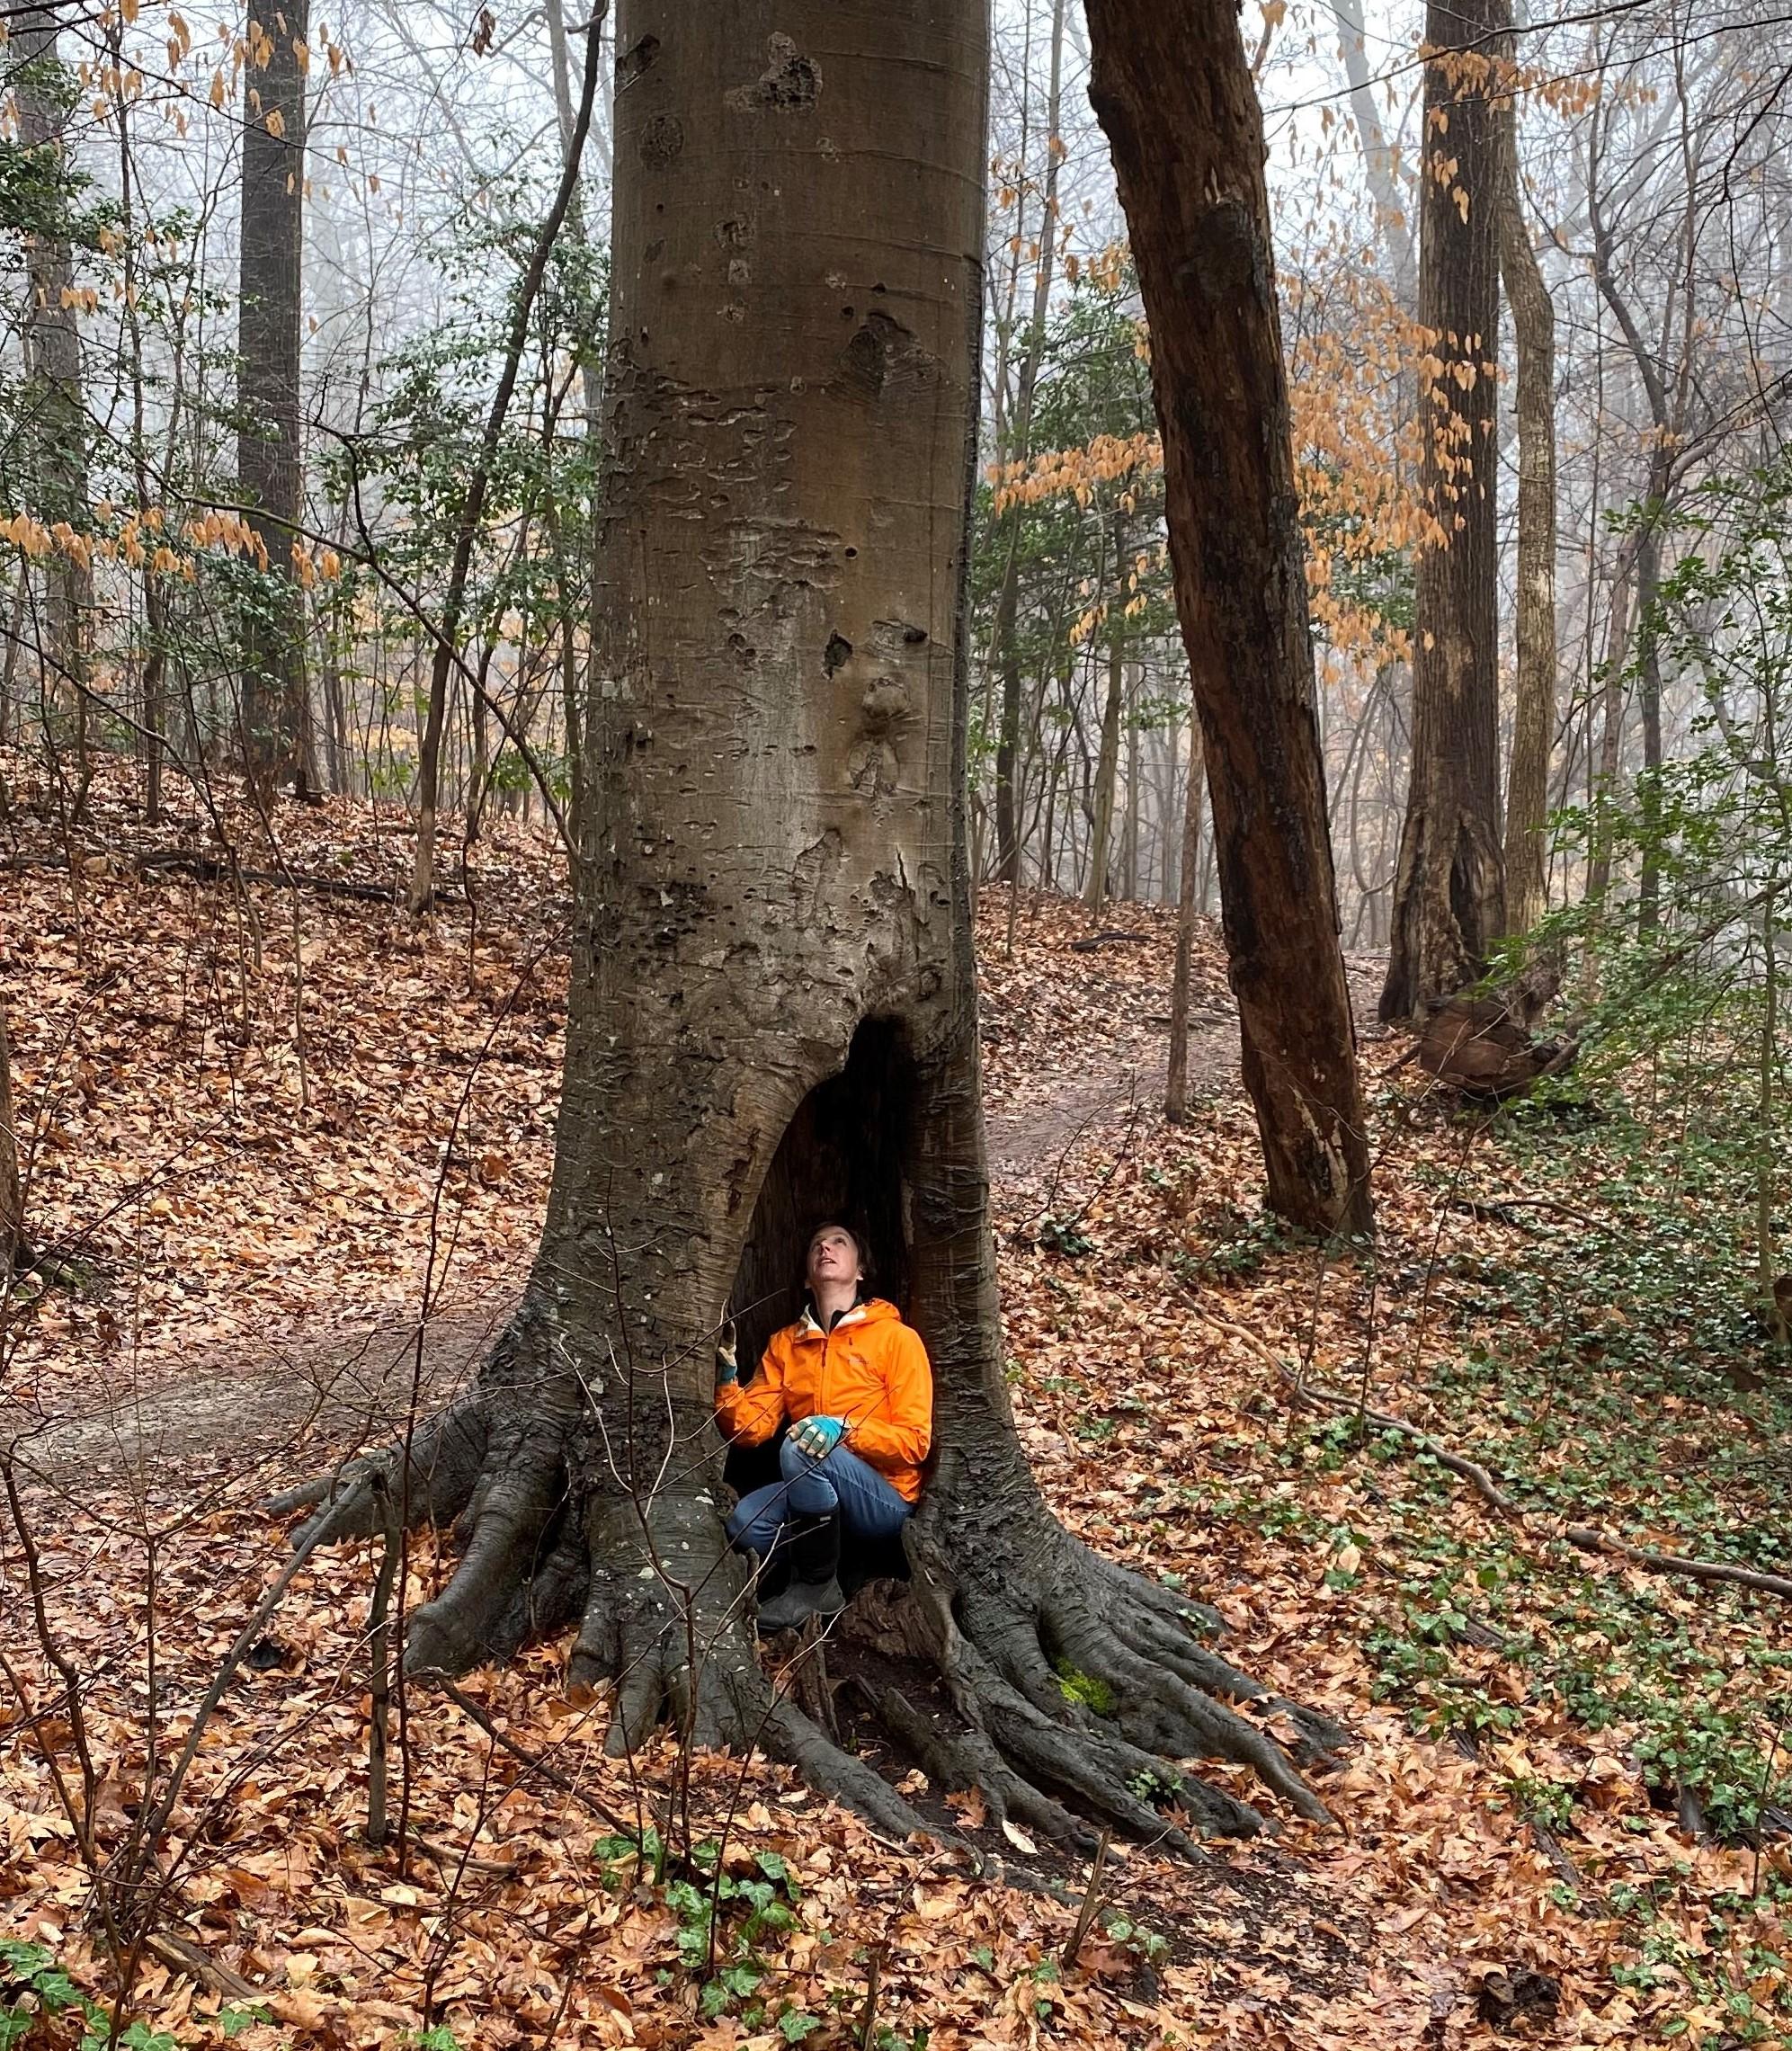 A Tree's Life